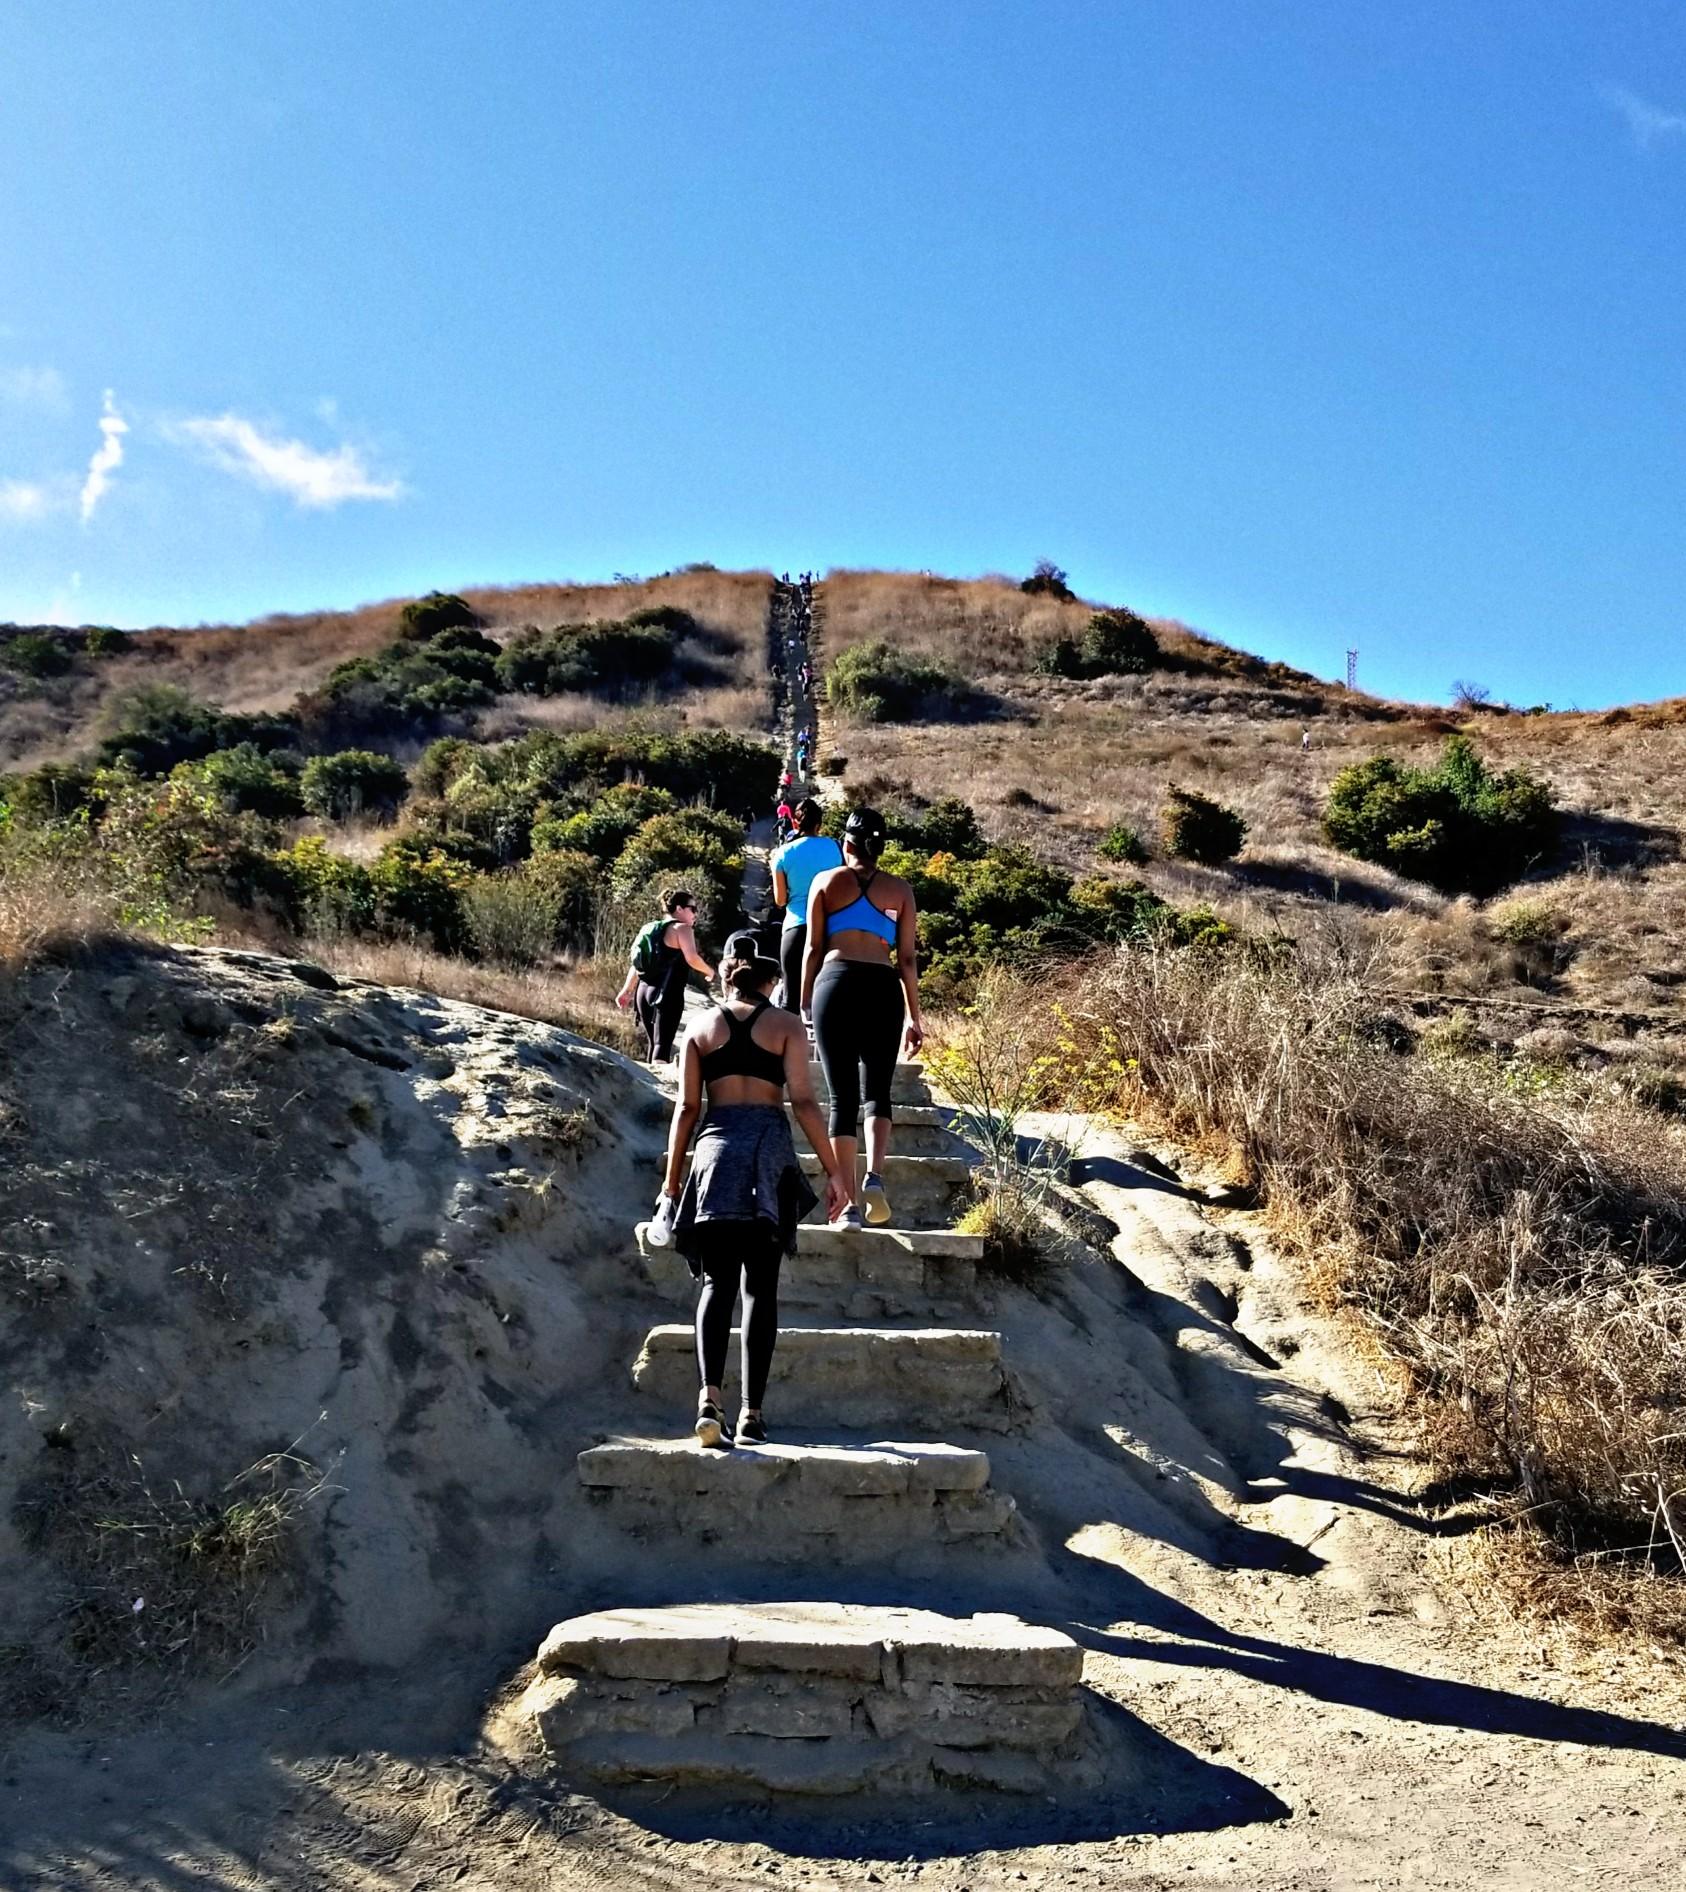 Baldwin Hills Scenic Overlook, Culver City CA